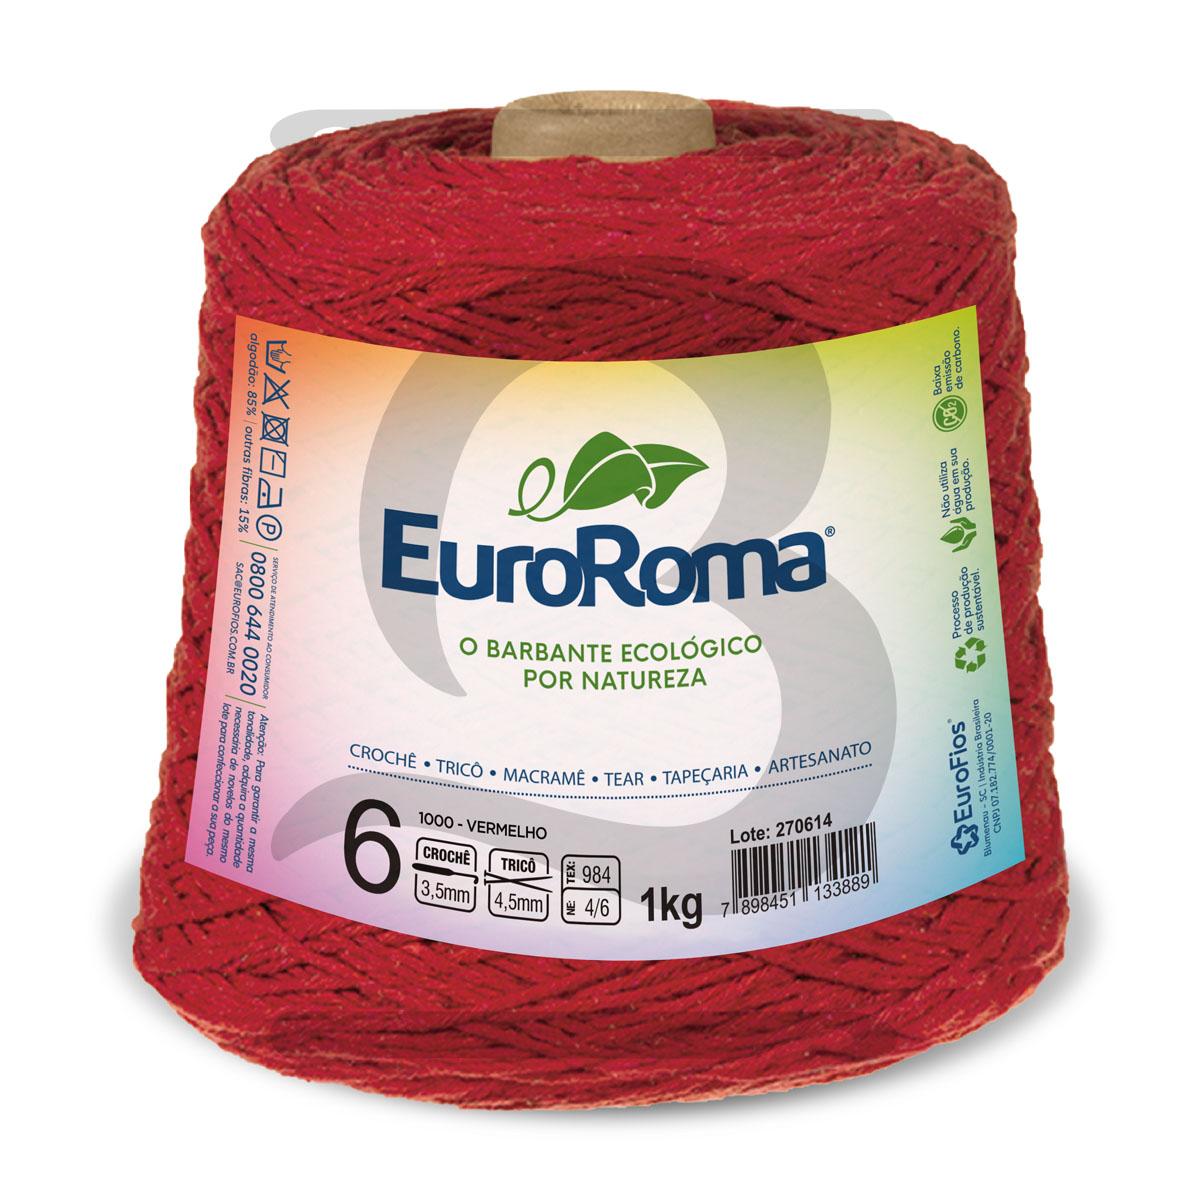 Barbante EuroRoma Colorido N°6 - 1kg Cor 1000 Vermelho